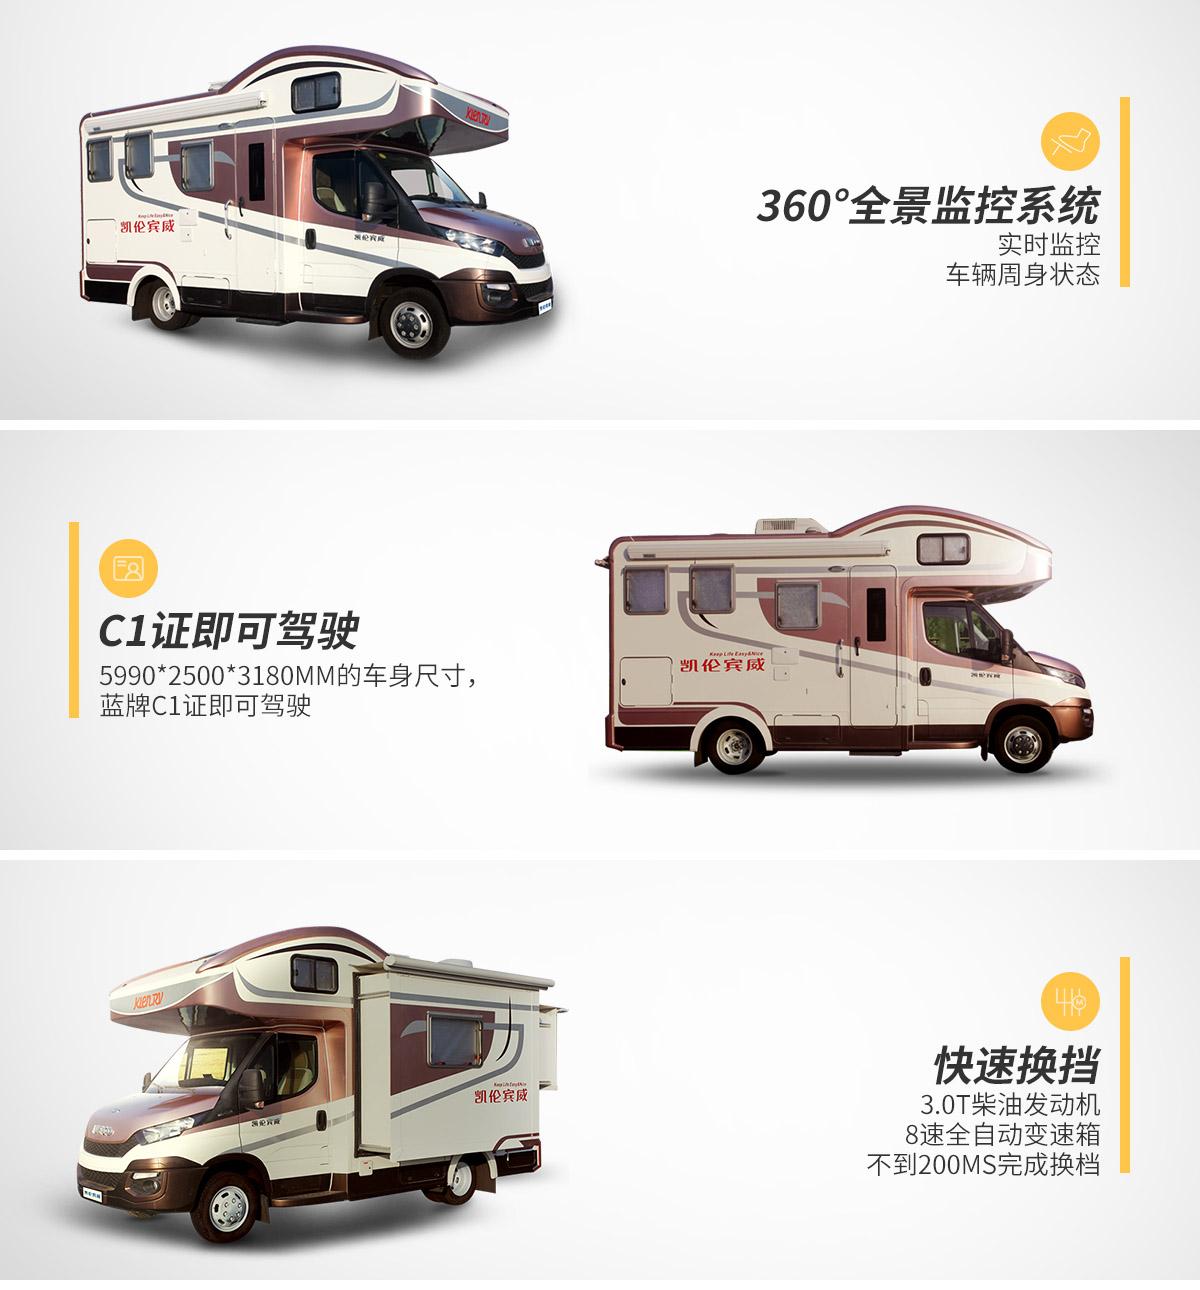 宇通C630大顶房车